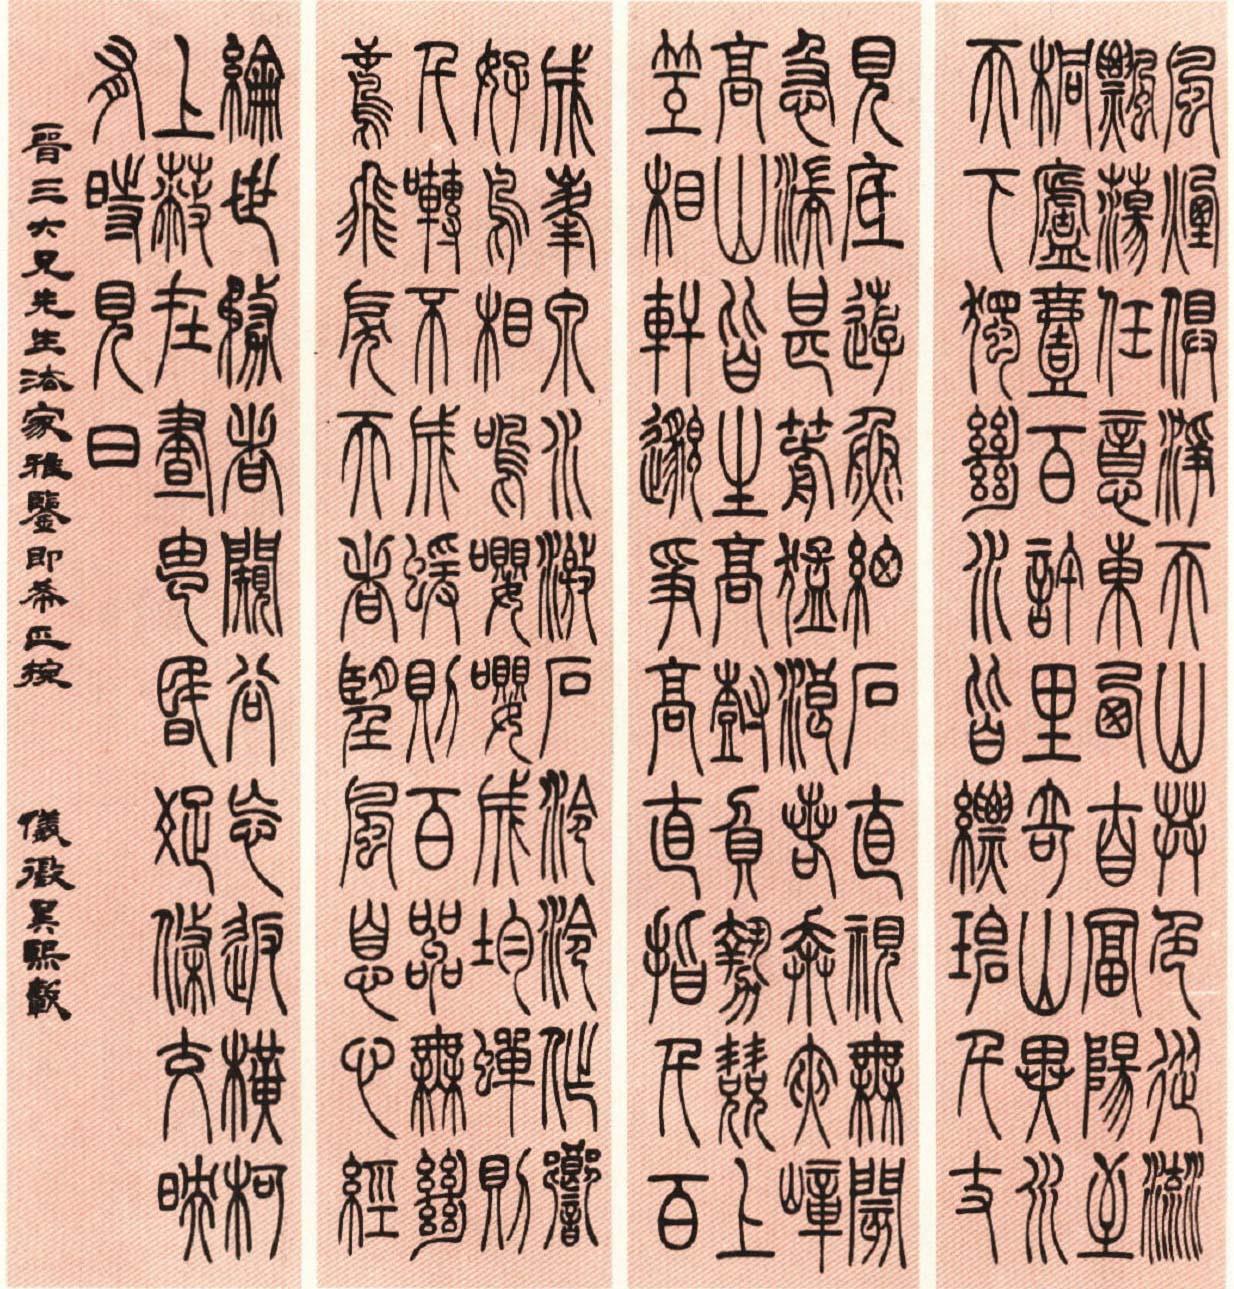 吴熙载 书法艺术 - 玉龙 - 龙行天下